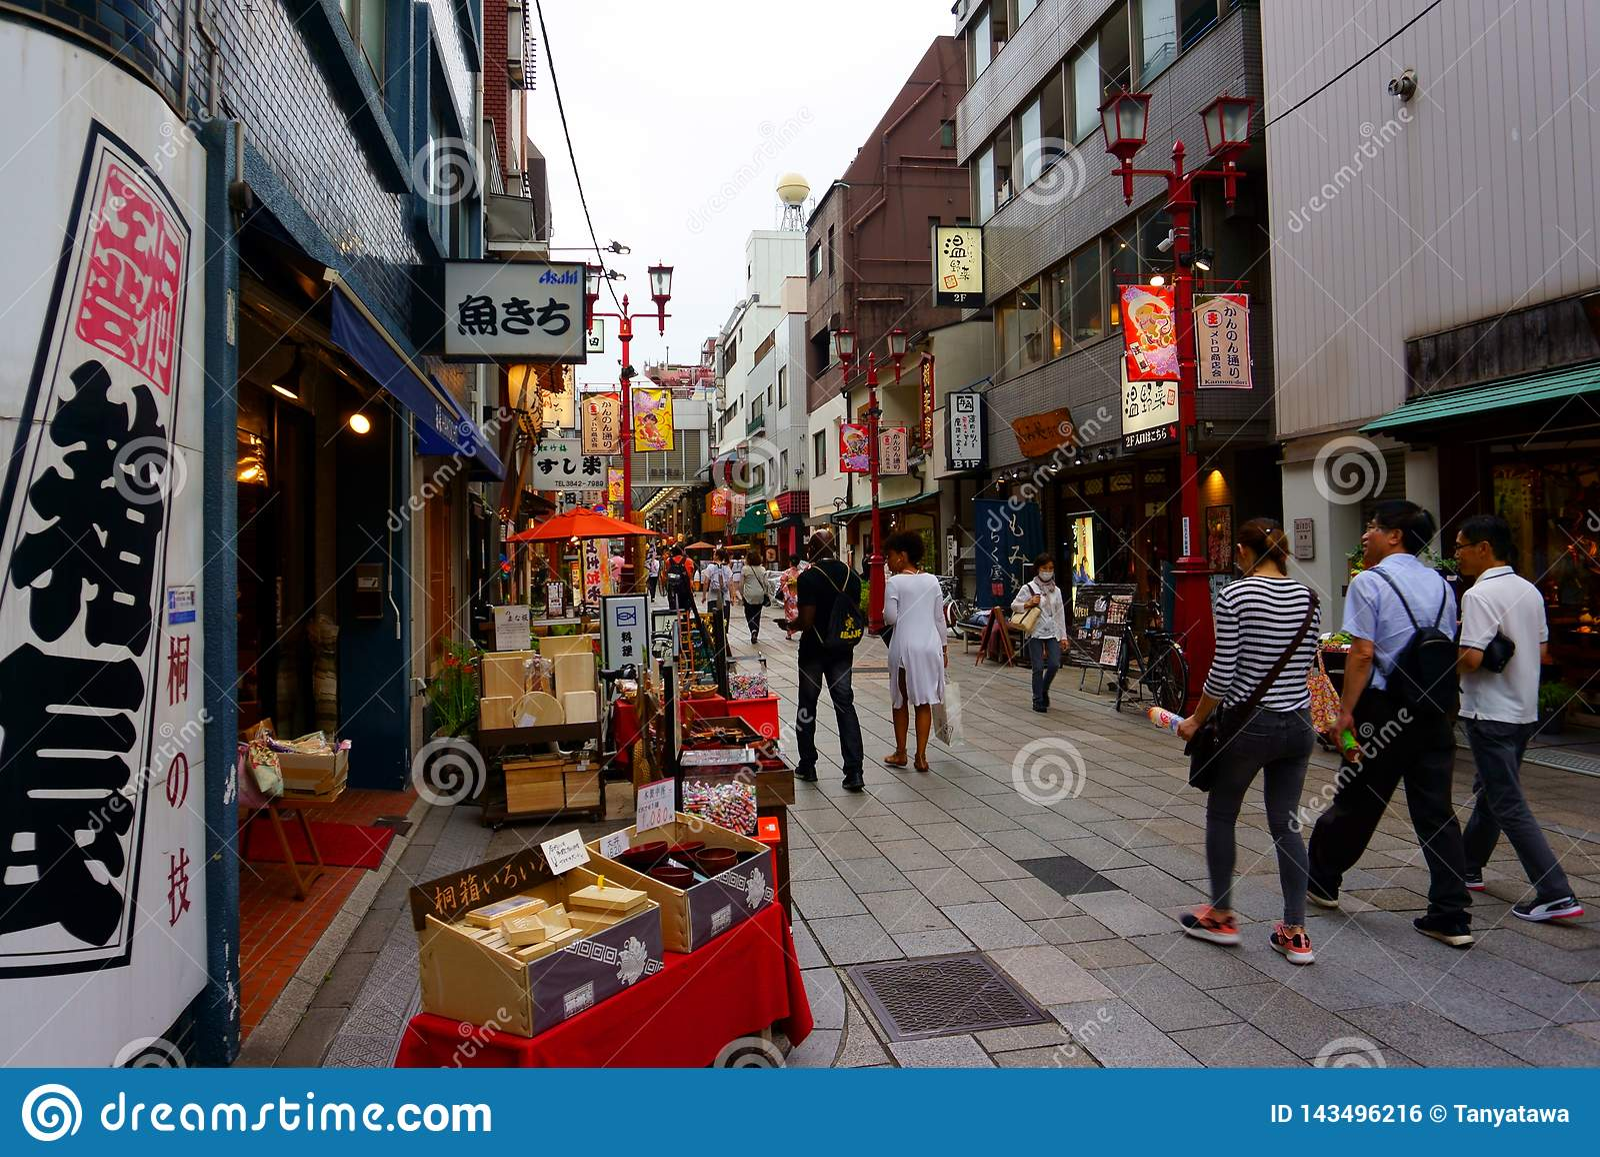 Kannon dori robi zakupy targową ulicę Łomotać i pamiątkarski kupienie w Asakusa